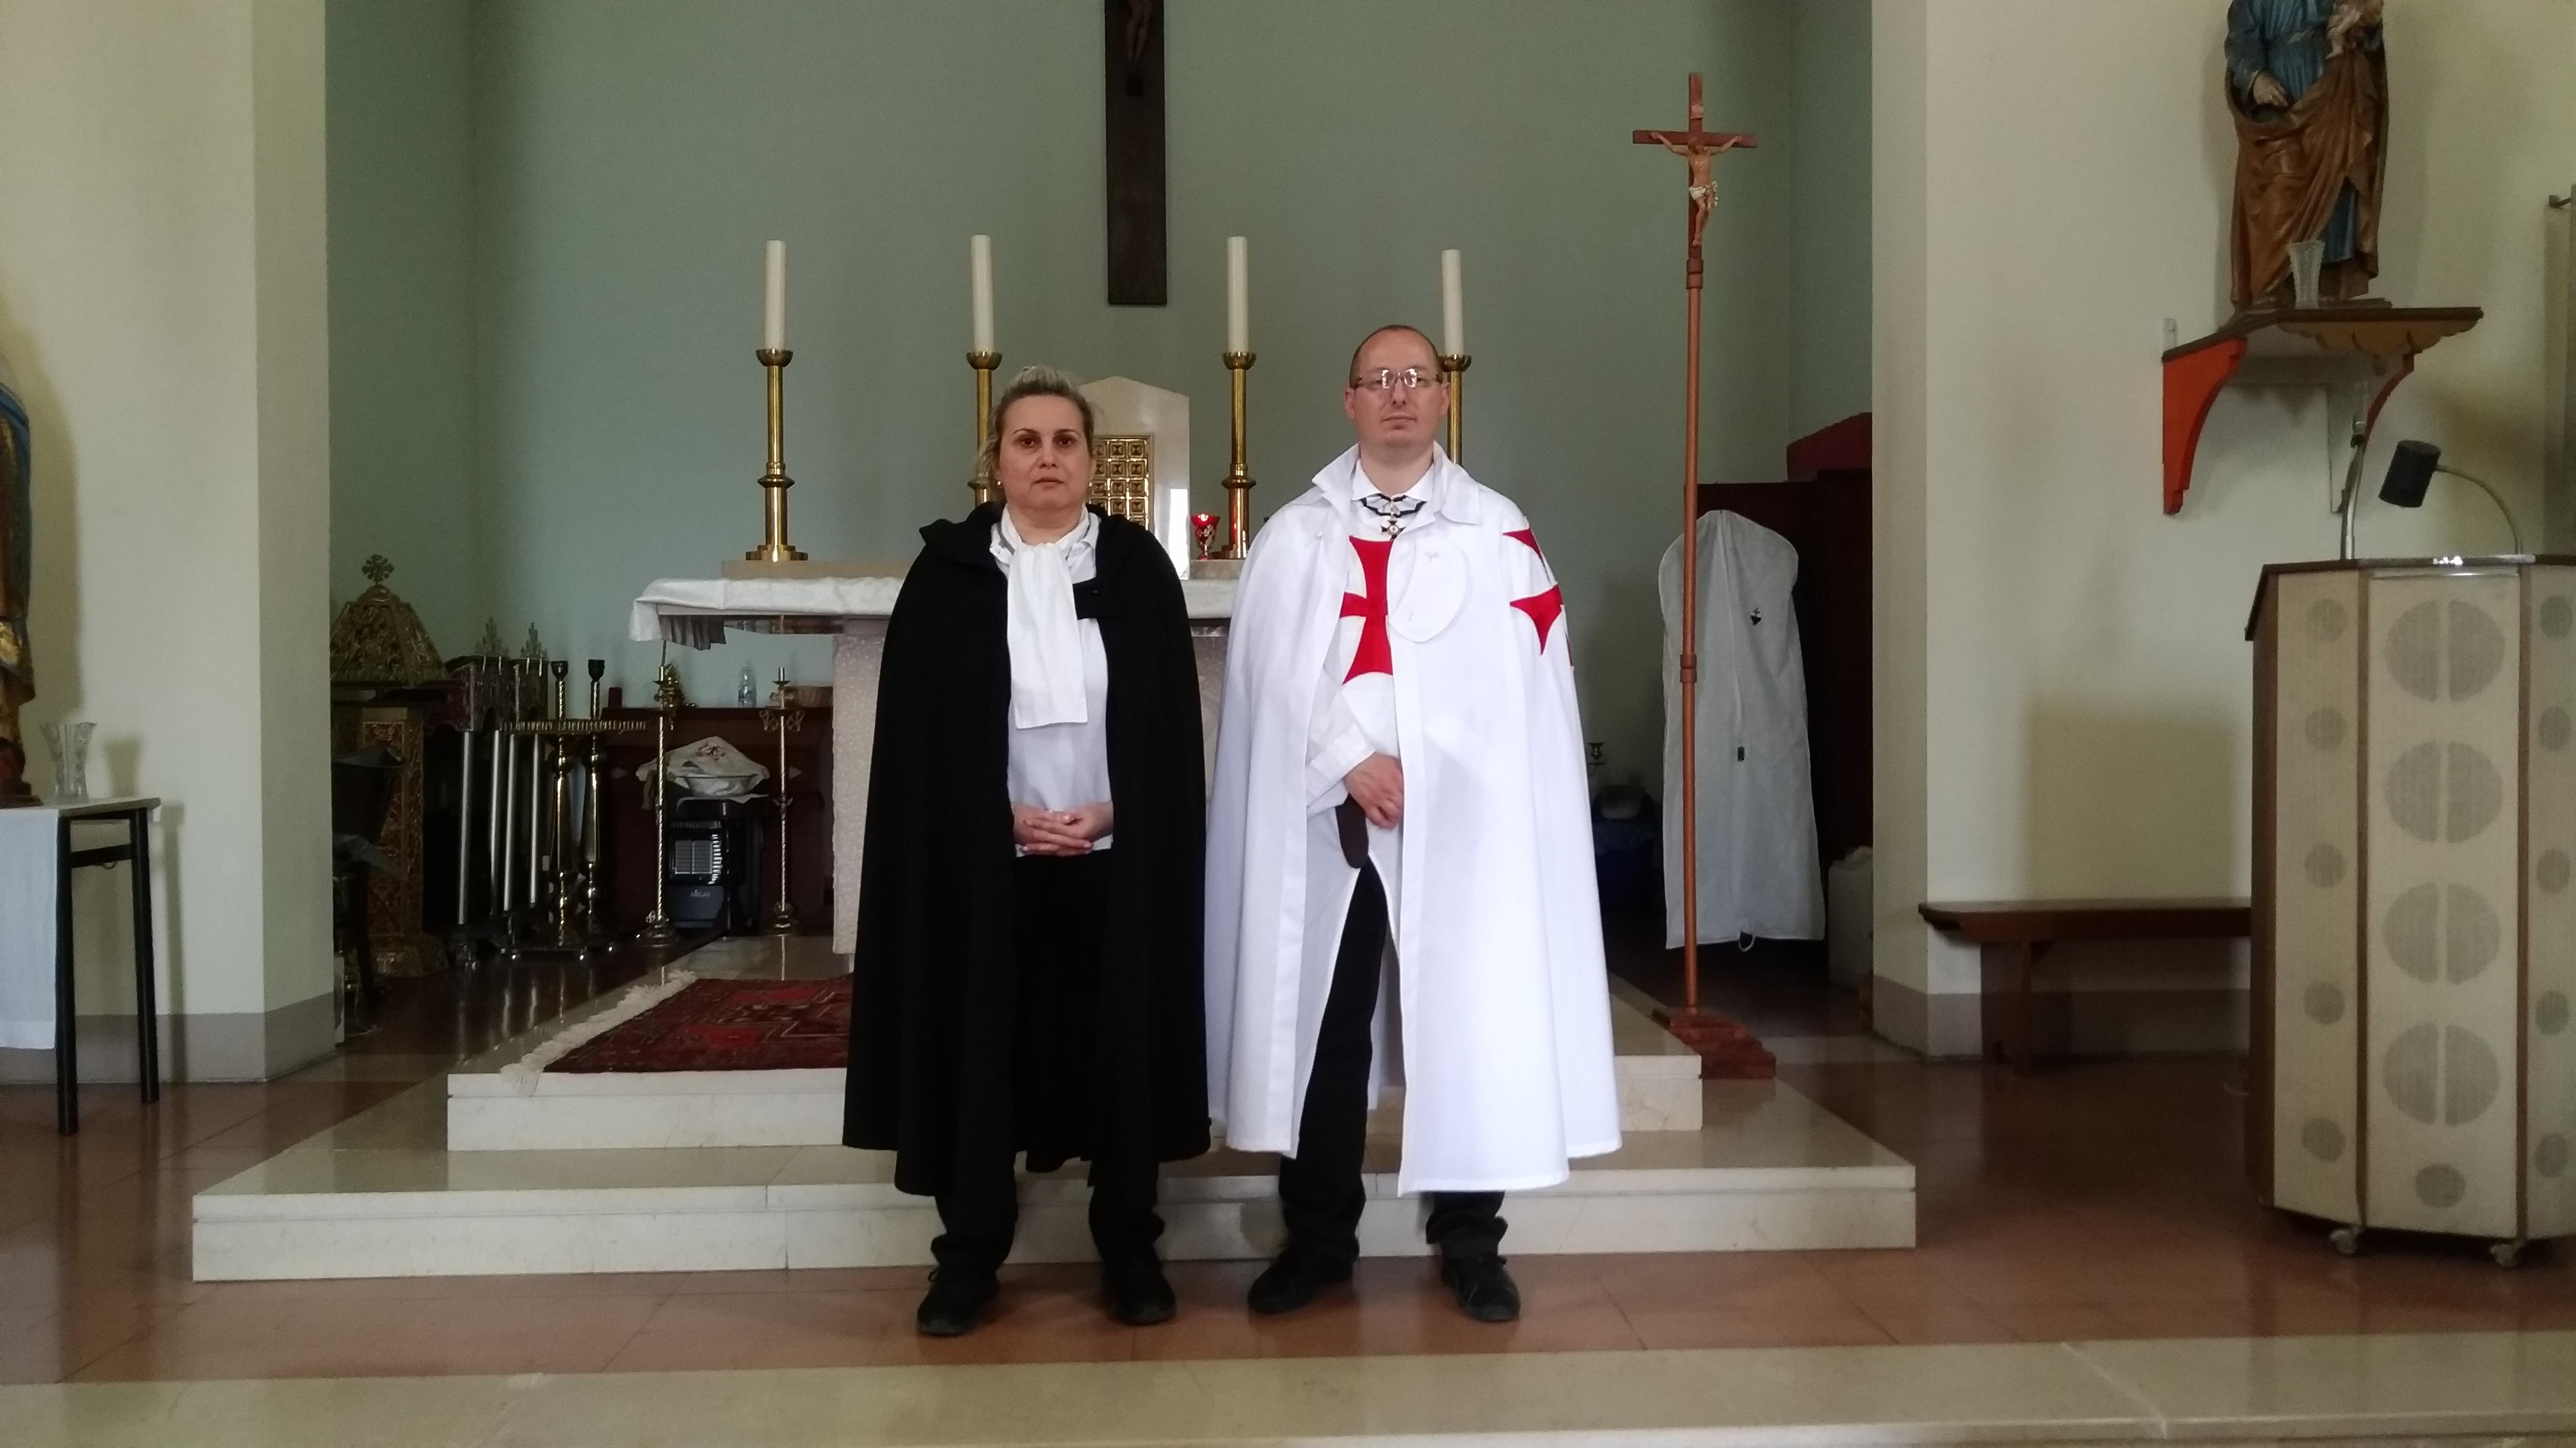 Custodia della Chiesa di Santo Stefano lavoratore a Ontraino (PI) 26 mag 2019